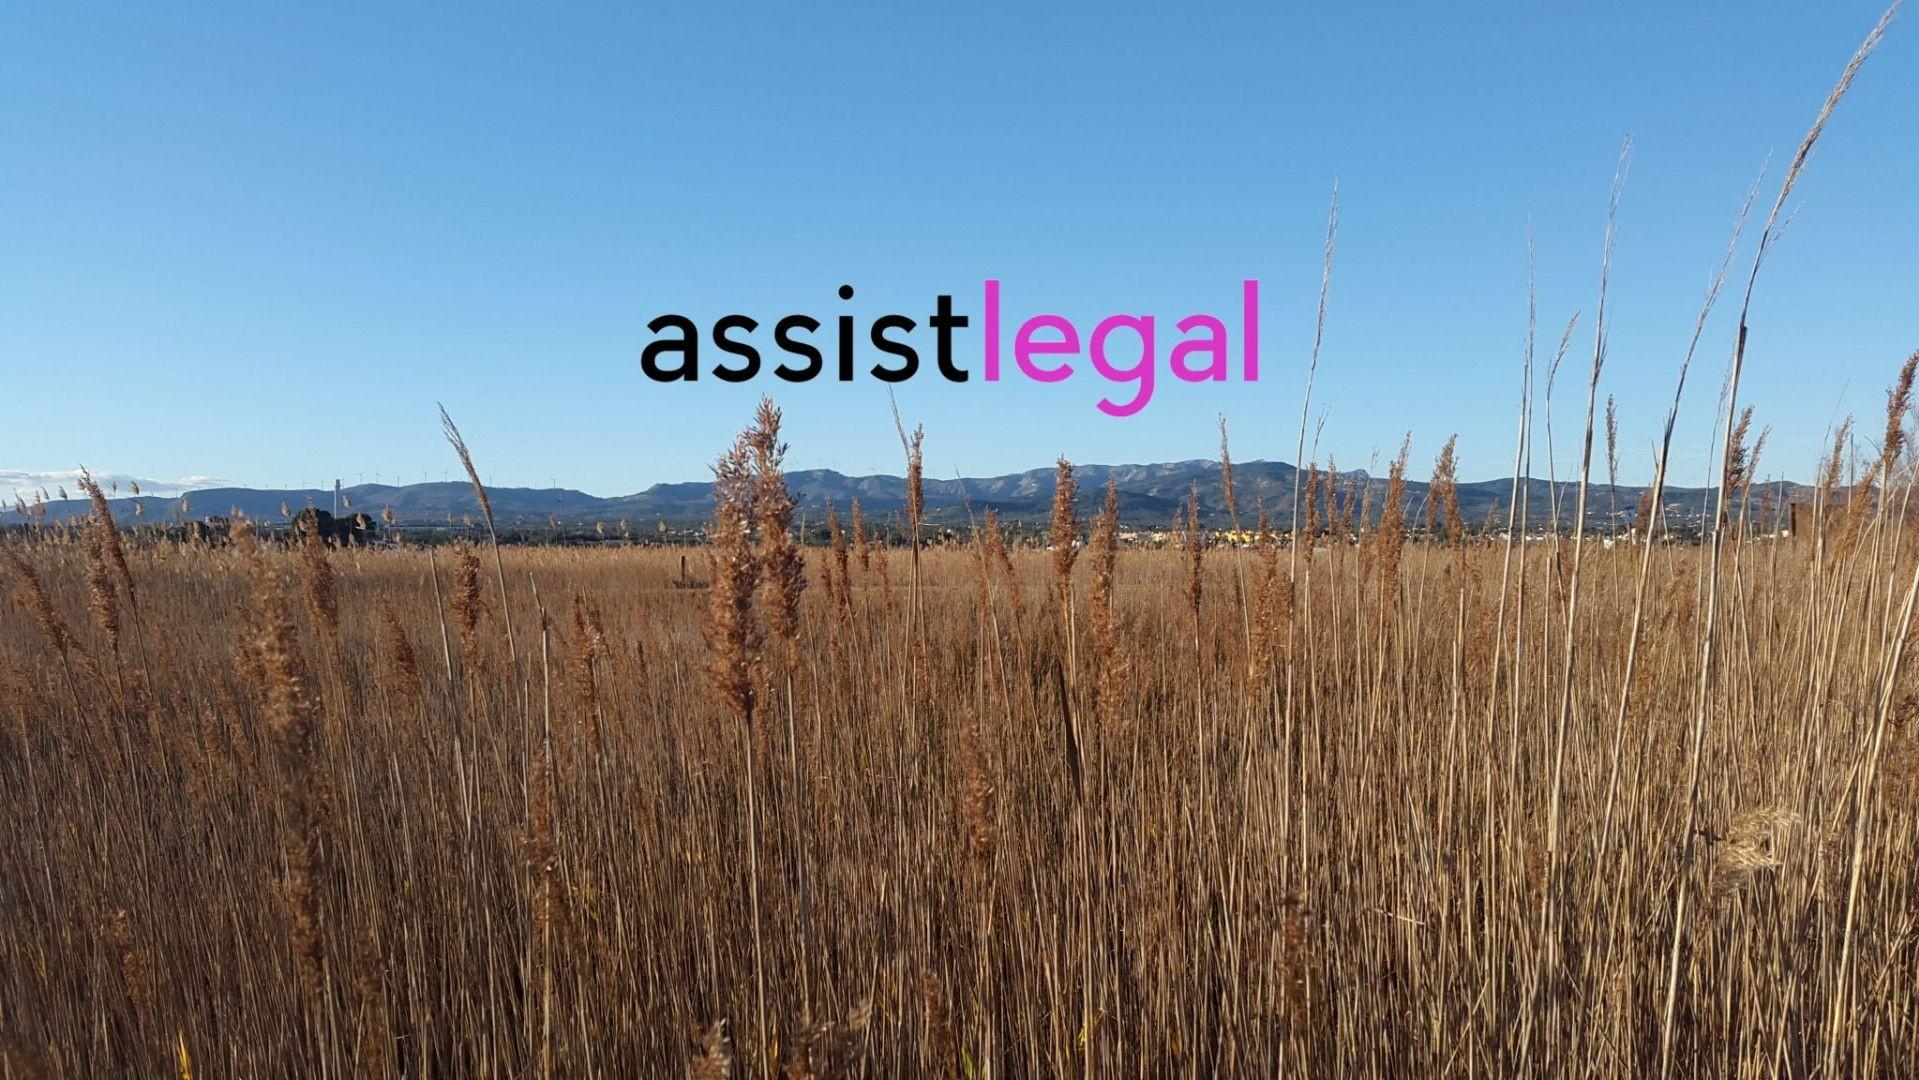 ASSIST espigas+logo